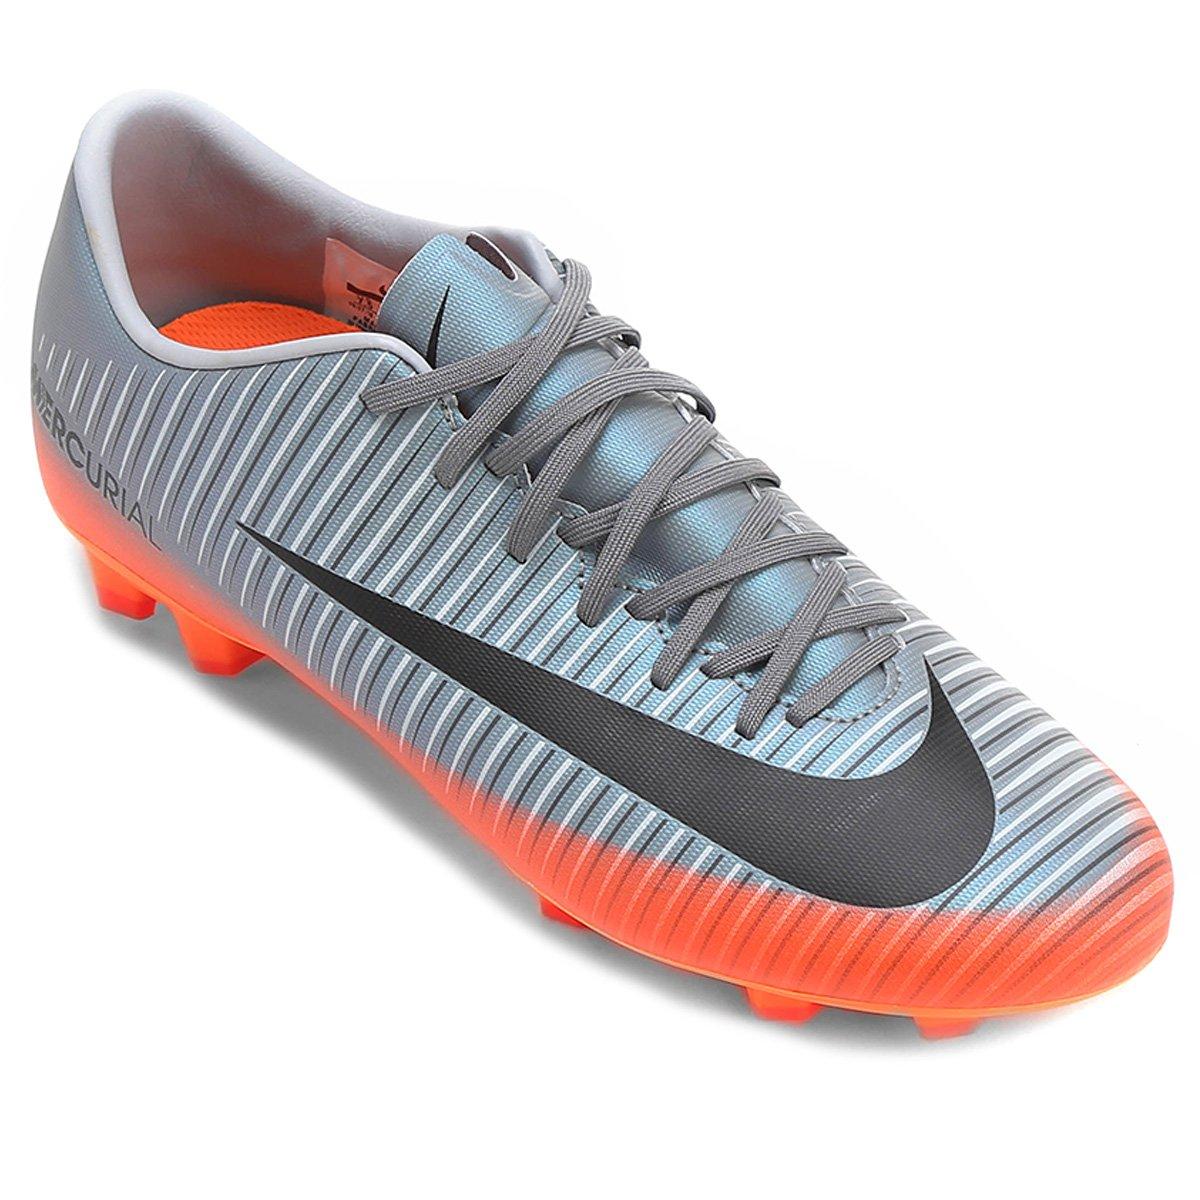 4427a318f9 Chuteira Campo Nike Mercurial Victory 6 CR7 - Compre Agora